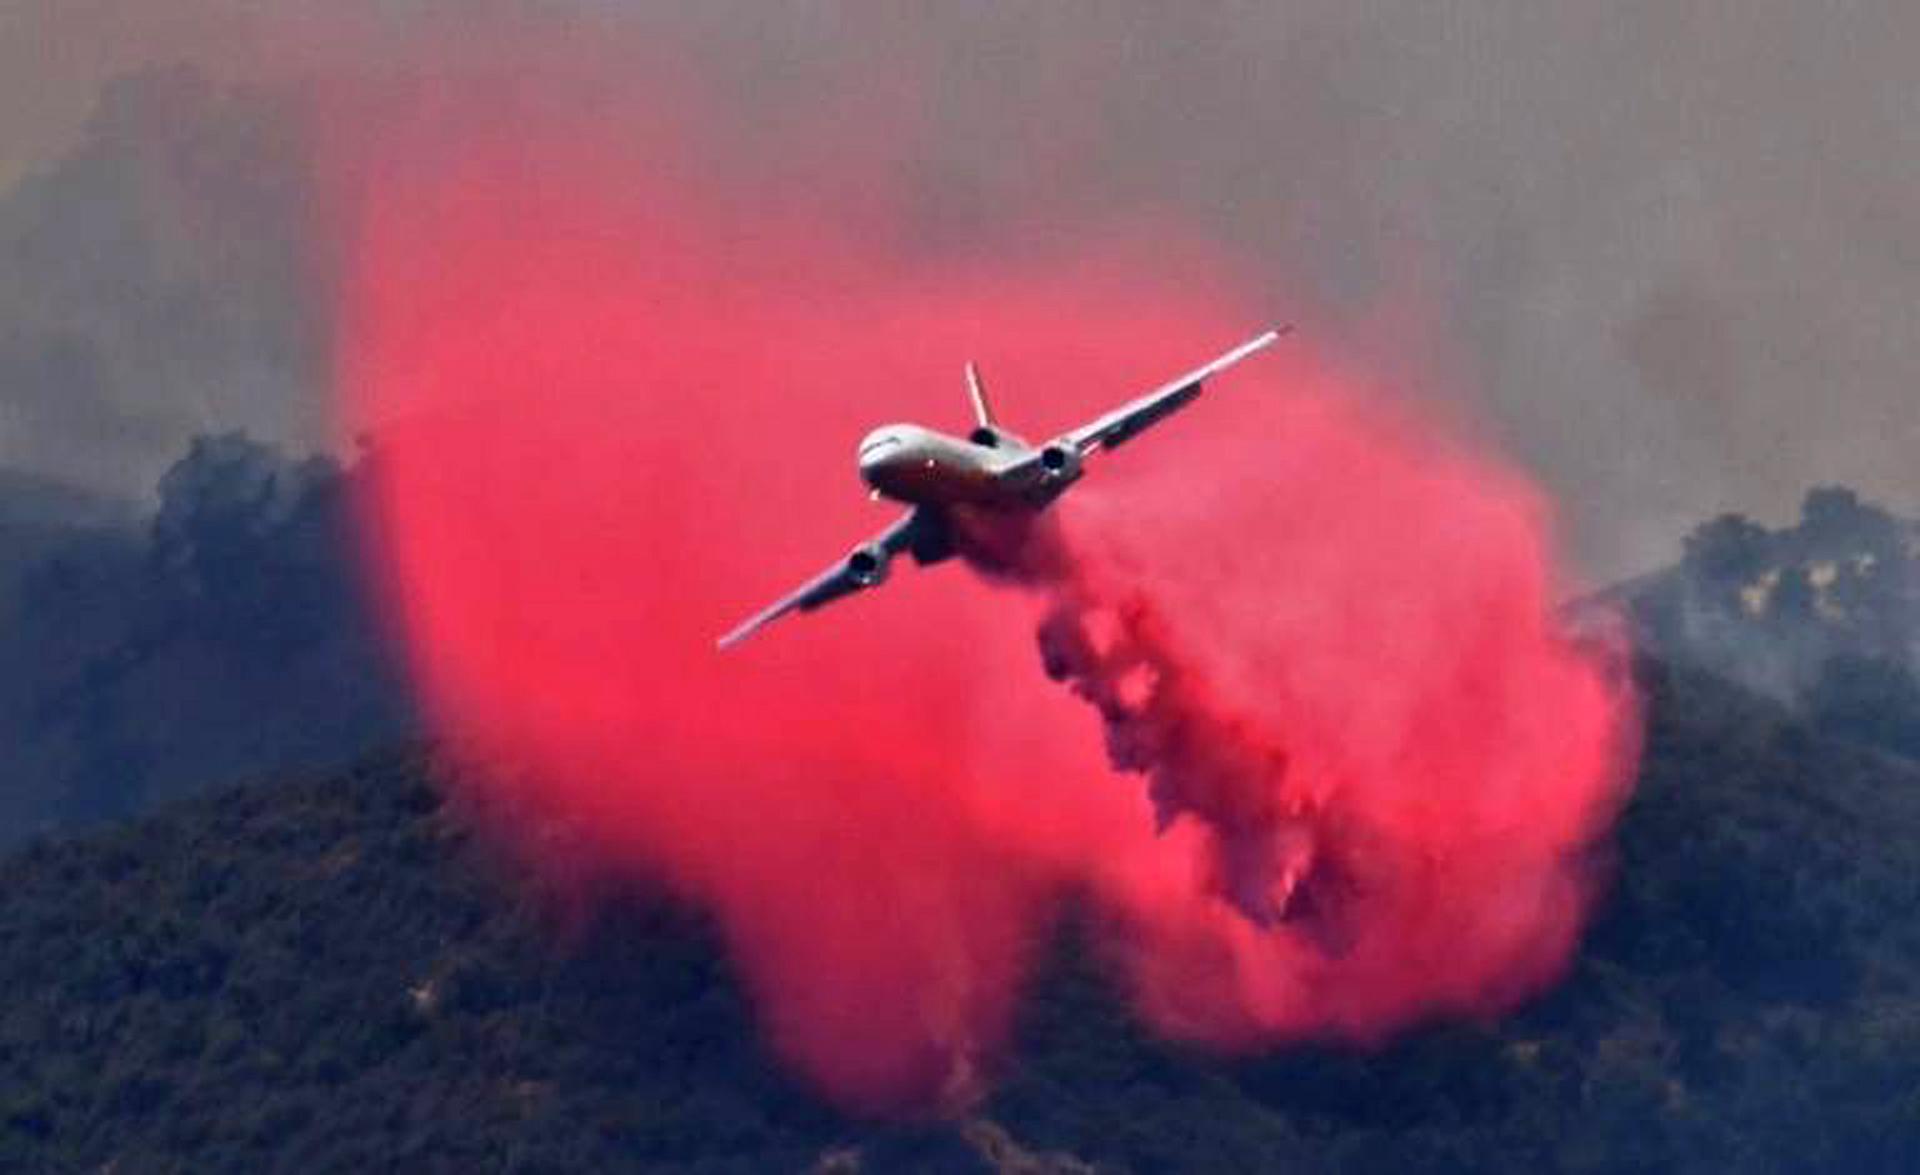 El apagón coincidió con una ola de calor en California que ha batido récords. Un récord que había aguantado 131 años en Los Ángeles se rompió cuando la temperatura alcanzó los 36 grados Celsius en el centro